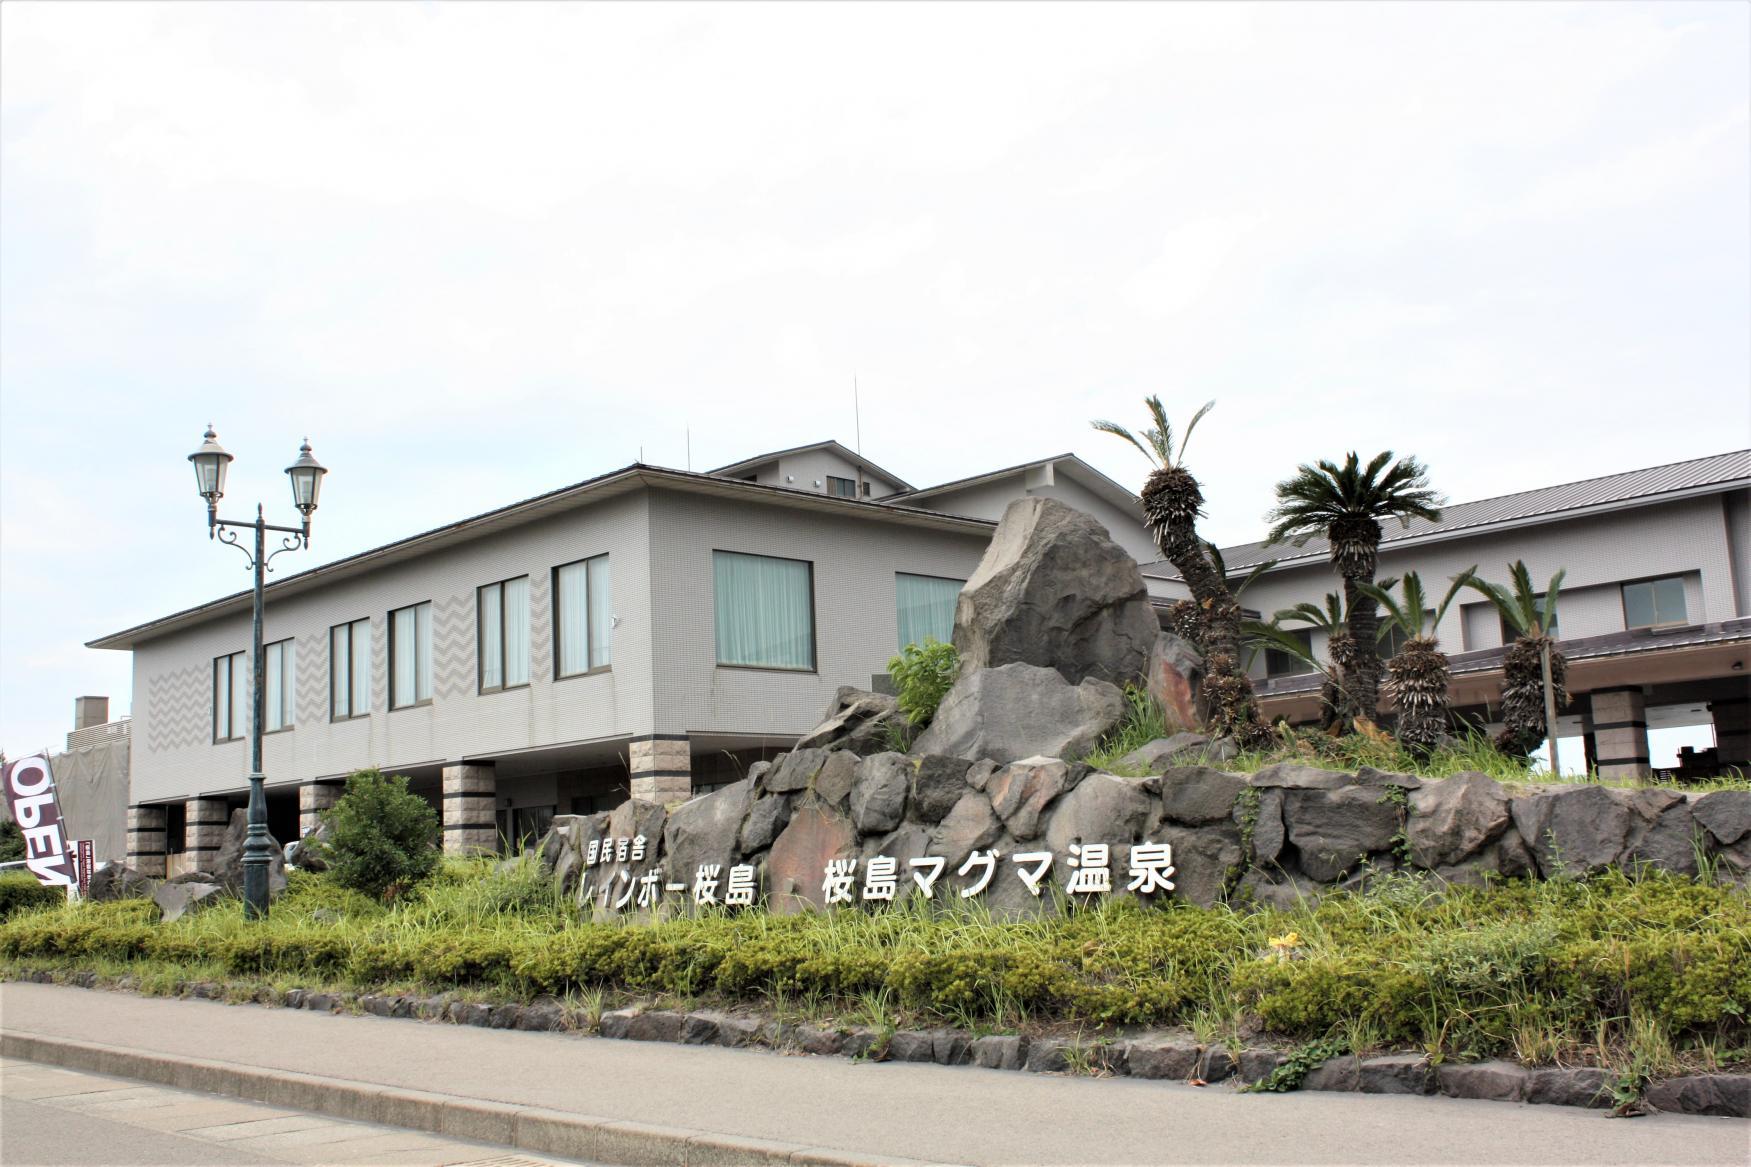 国民宿舎レインボー桜島・マグマ温泉-2